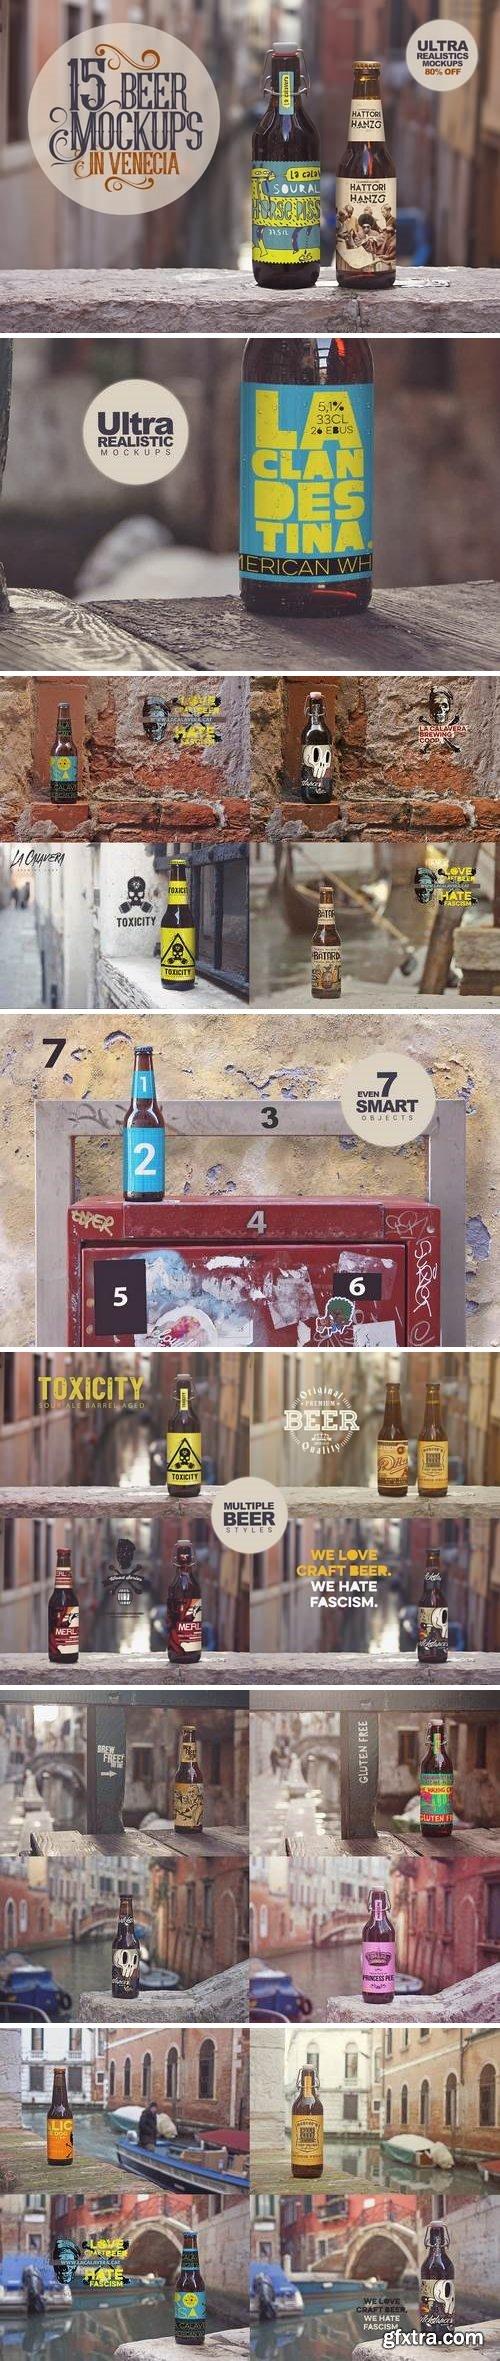 15 Beer Mockups in Venetian